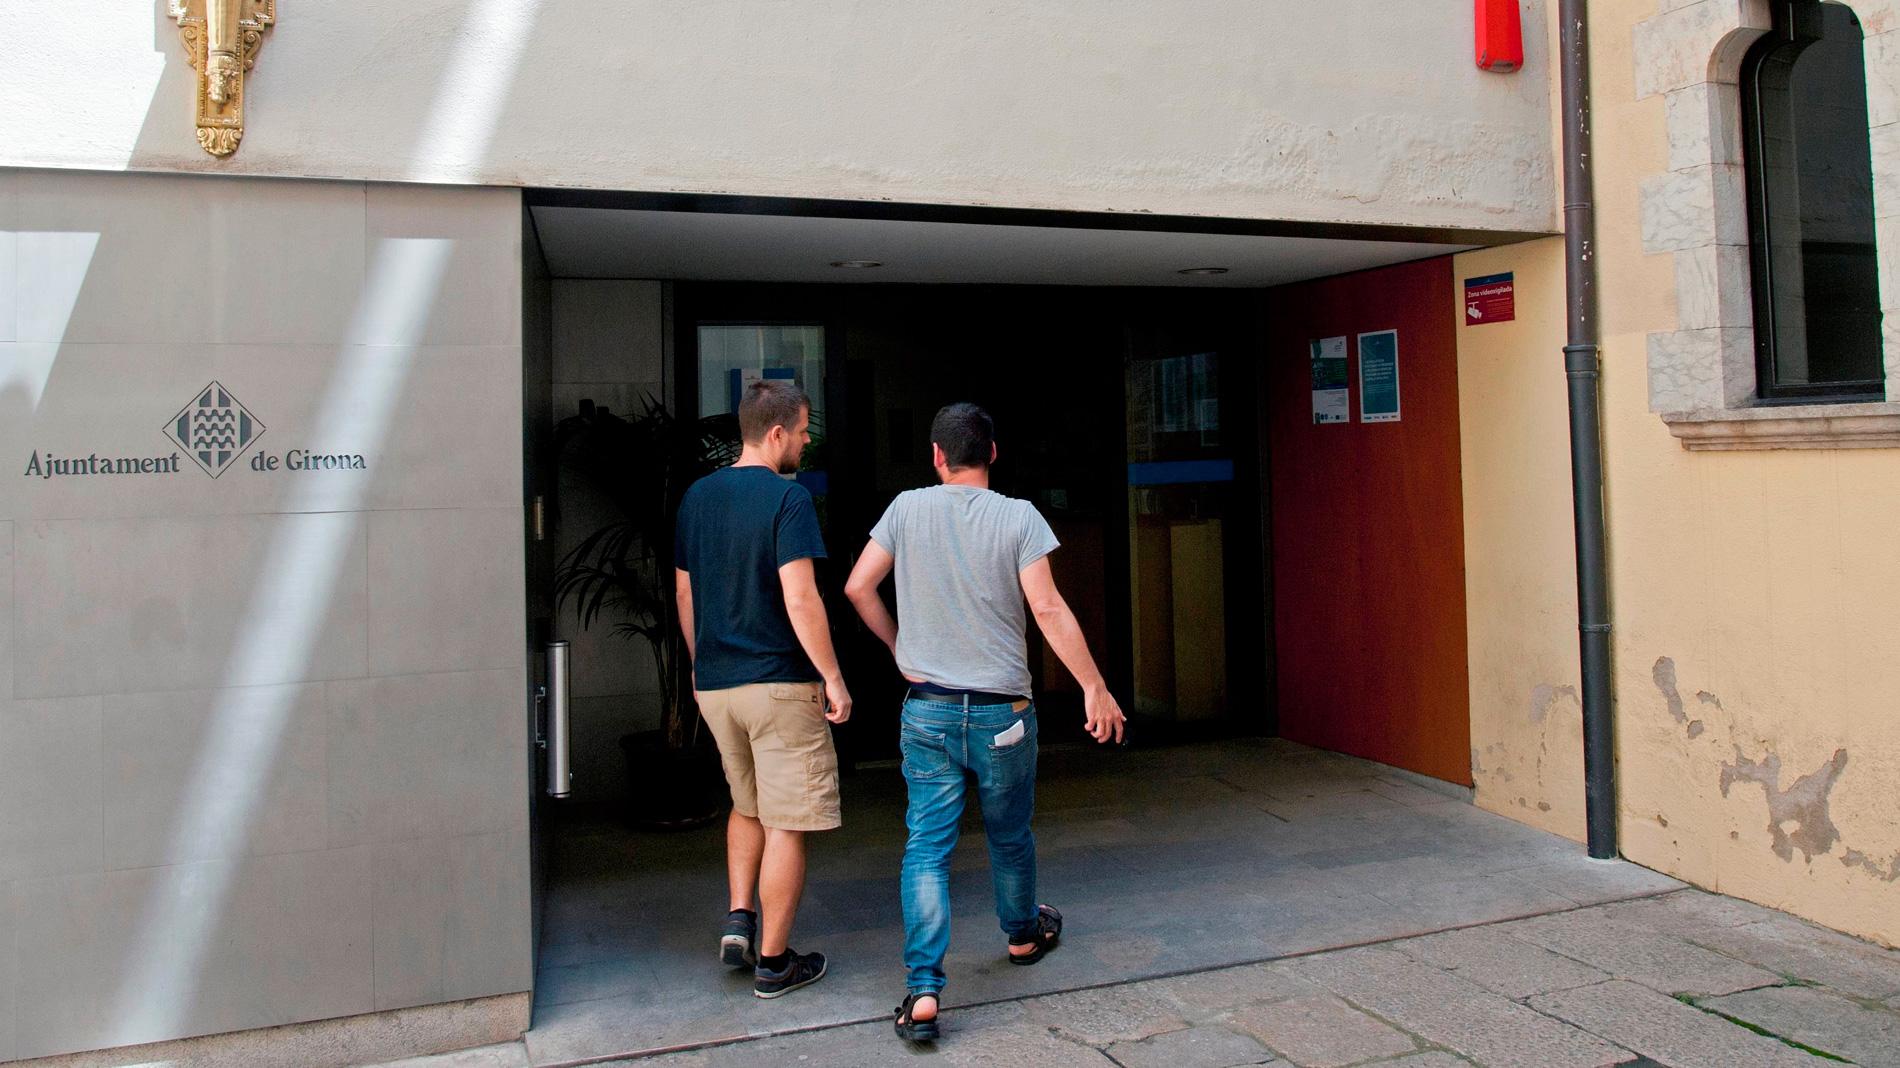 Se investiga un presunto desvío de fondos en la gestión del agua en Girona, Salt y Sarrià